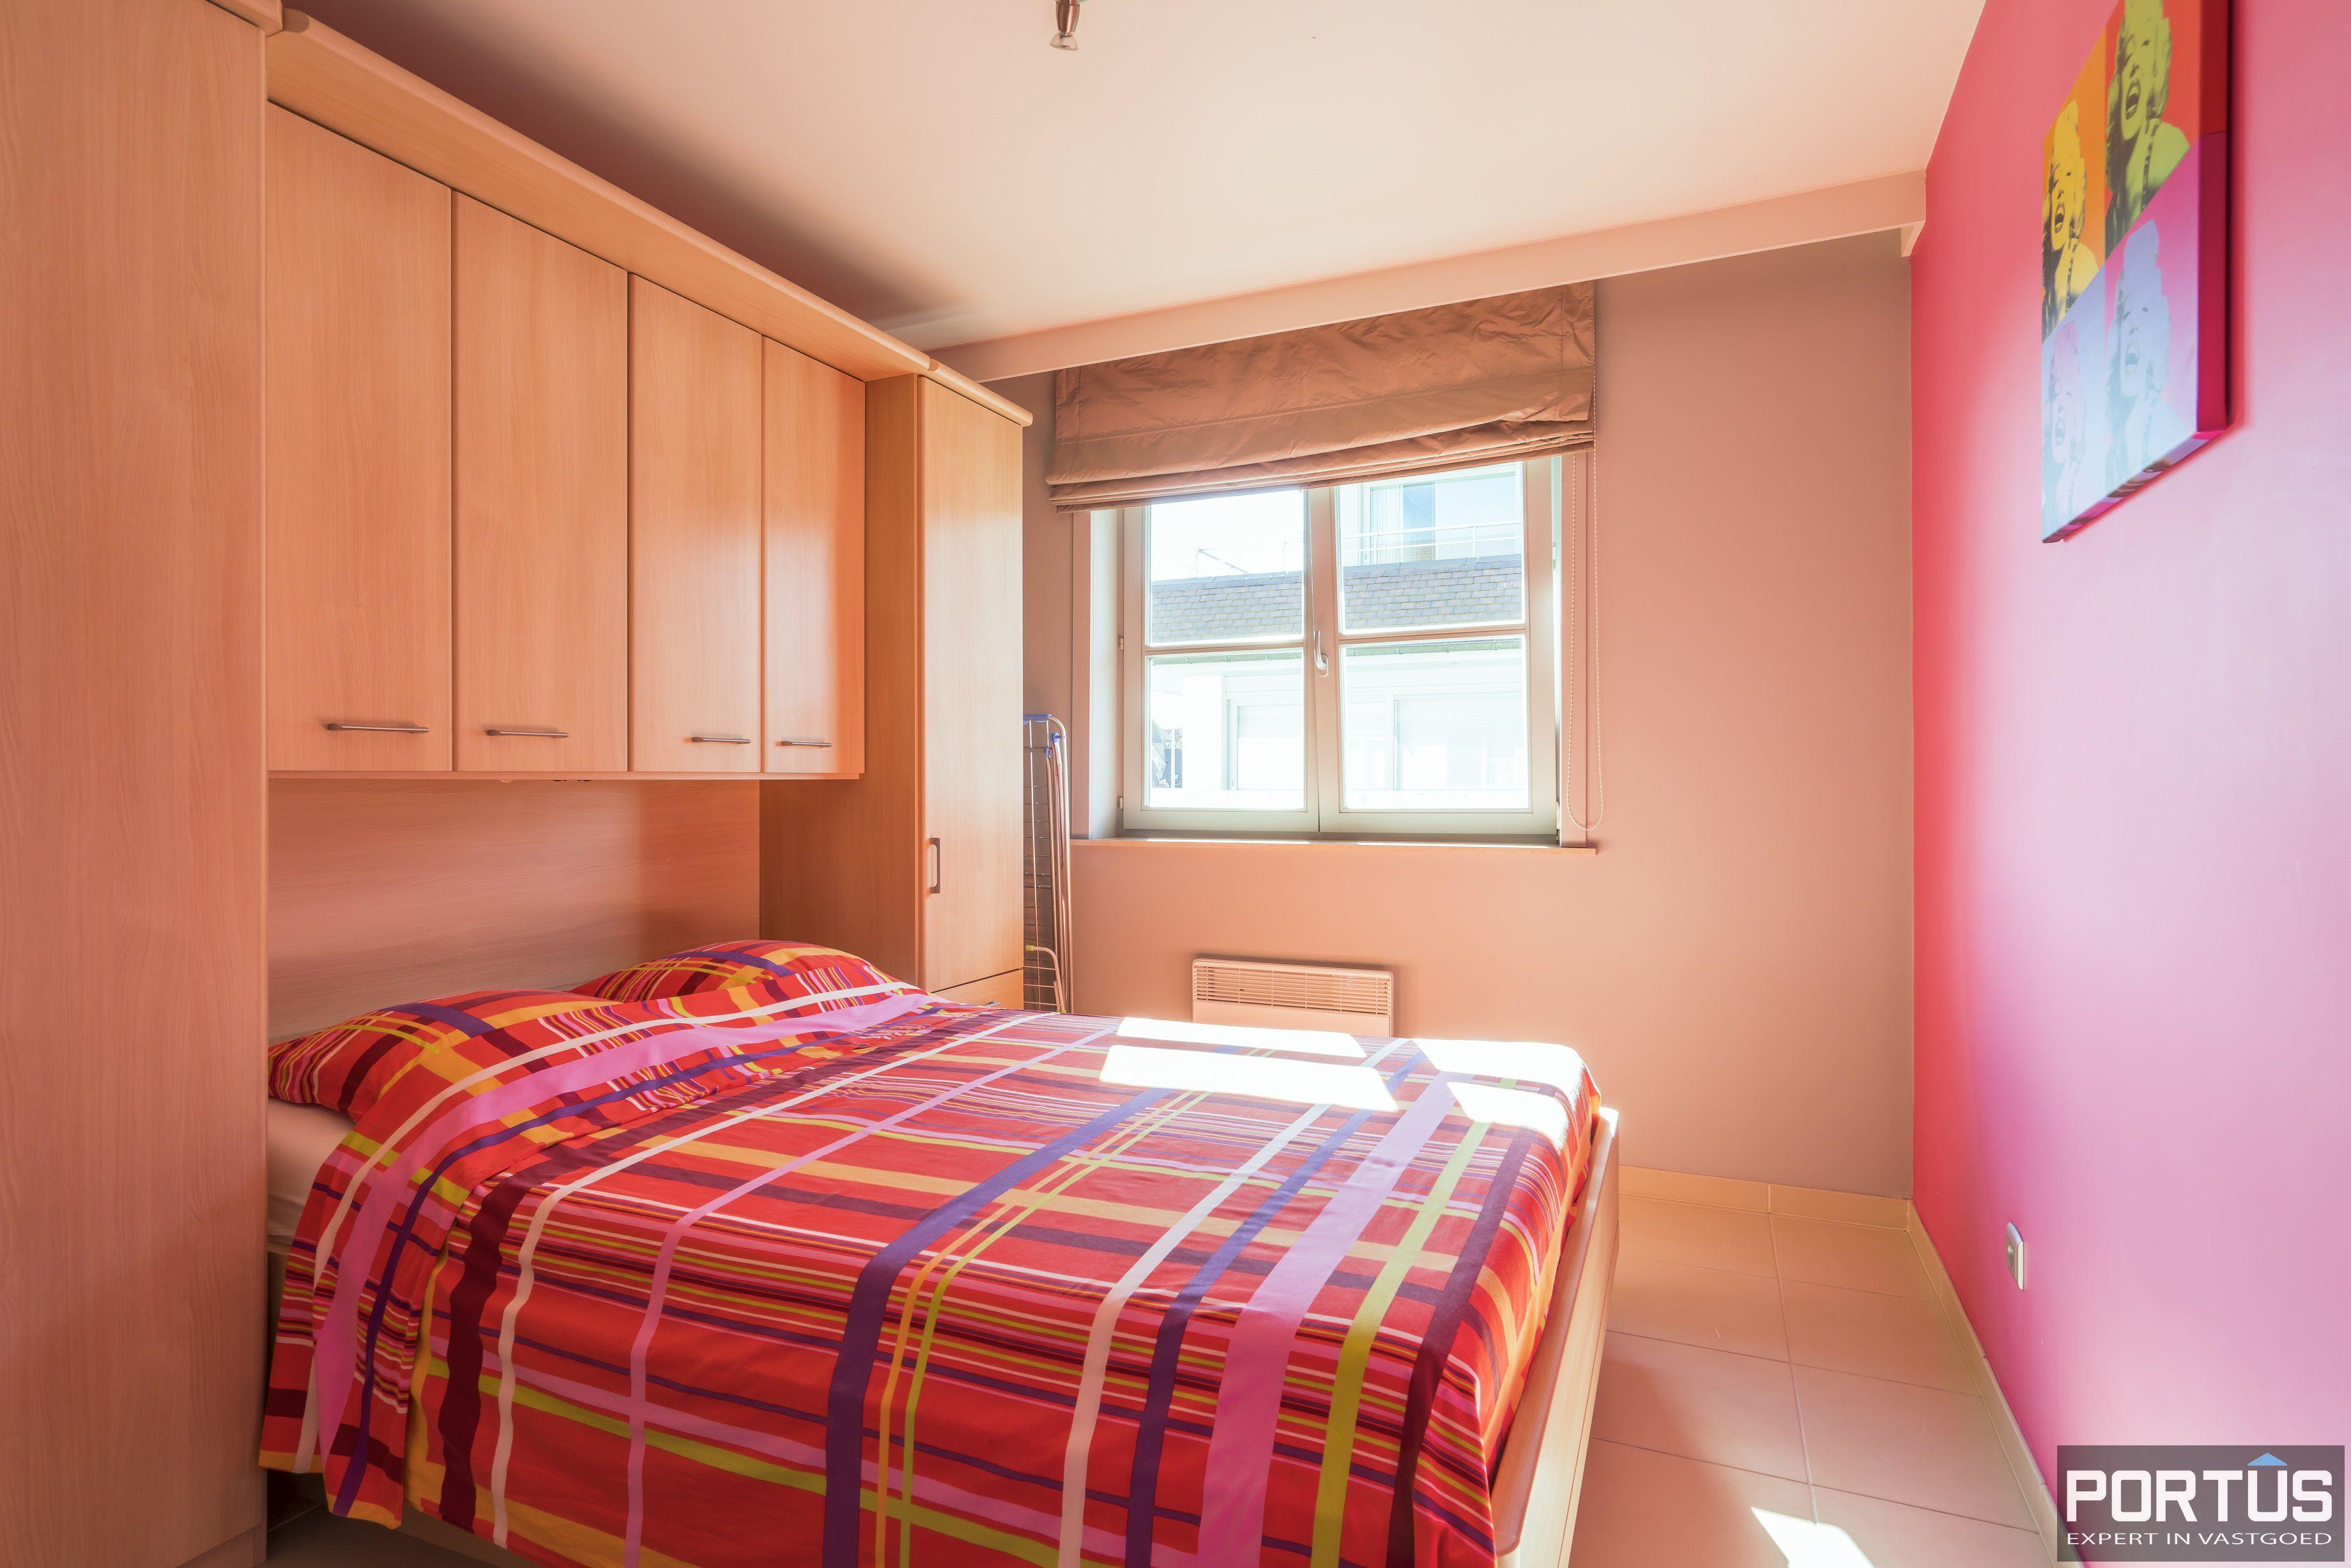 Instapklaar zongericht appartement met 2 slaapkamers te koop - 11515